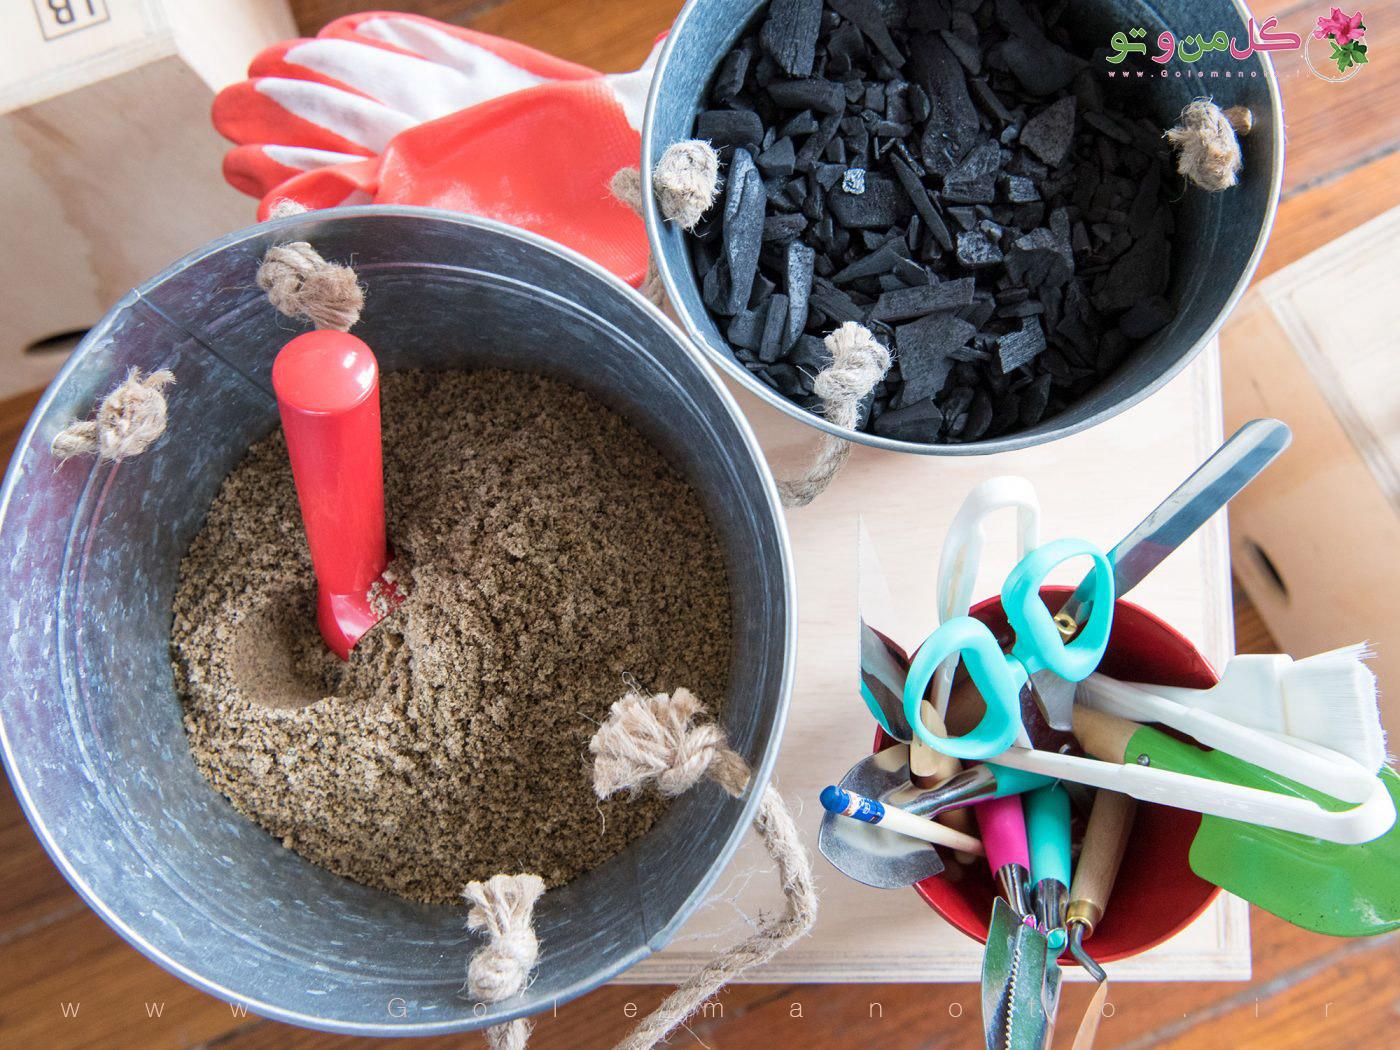 وسایل مورد نیاز برای ساخت تراریوم در خانه